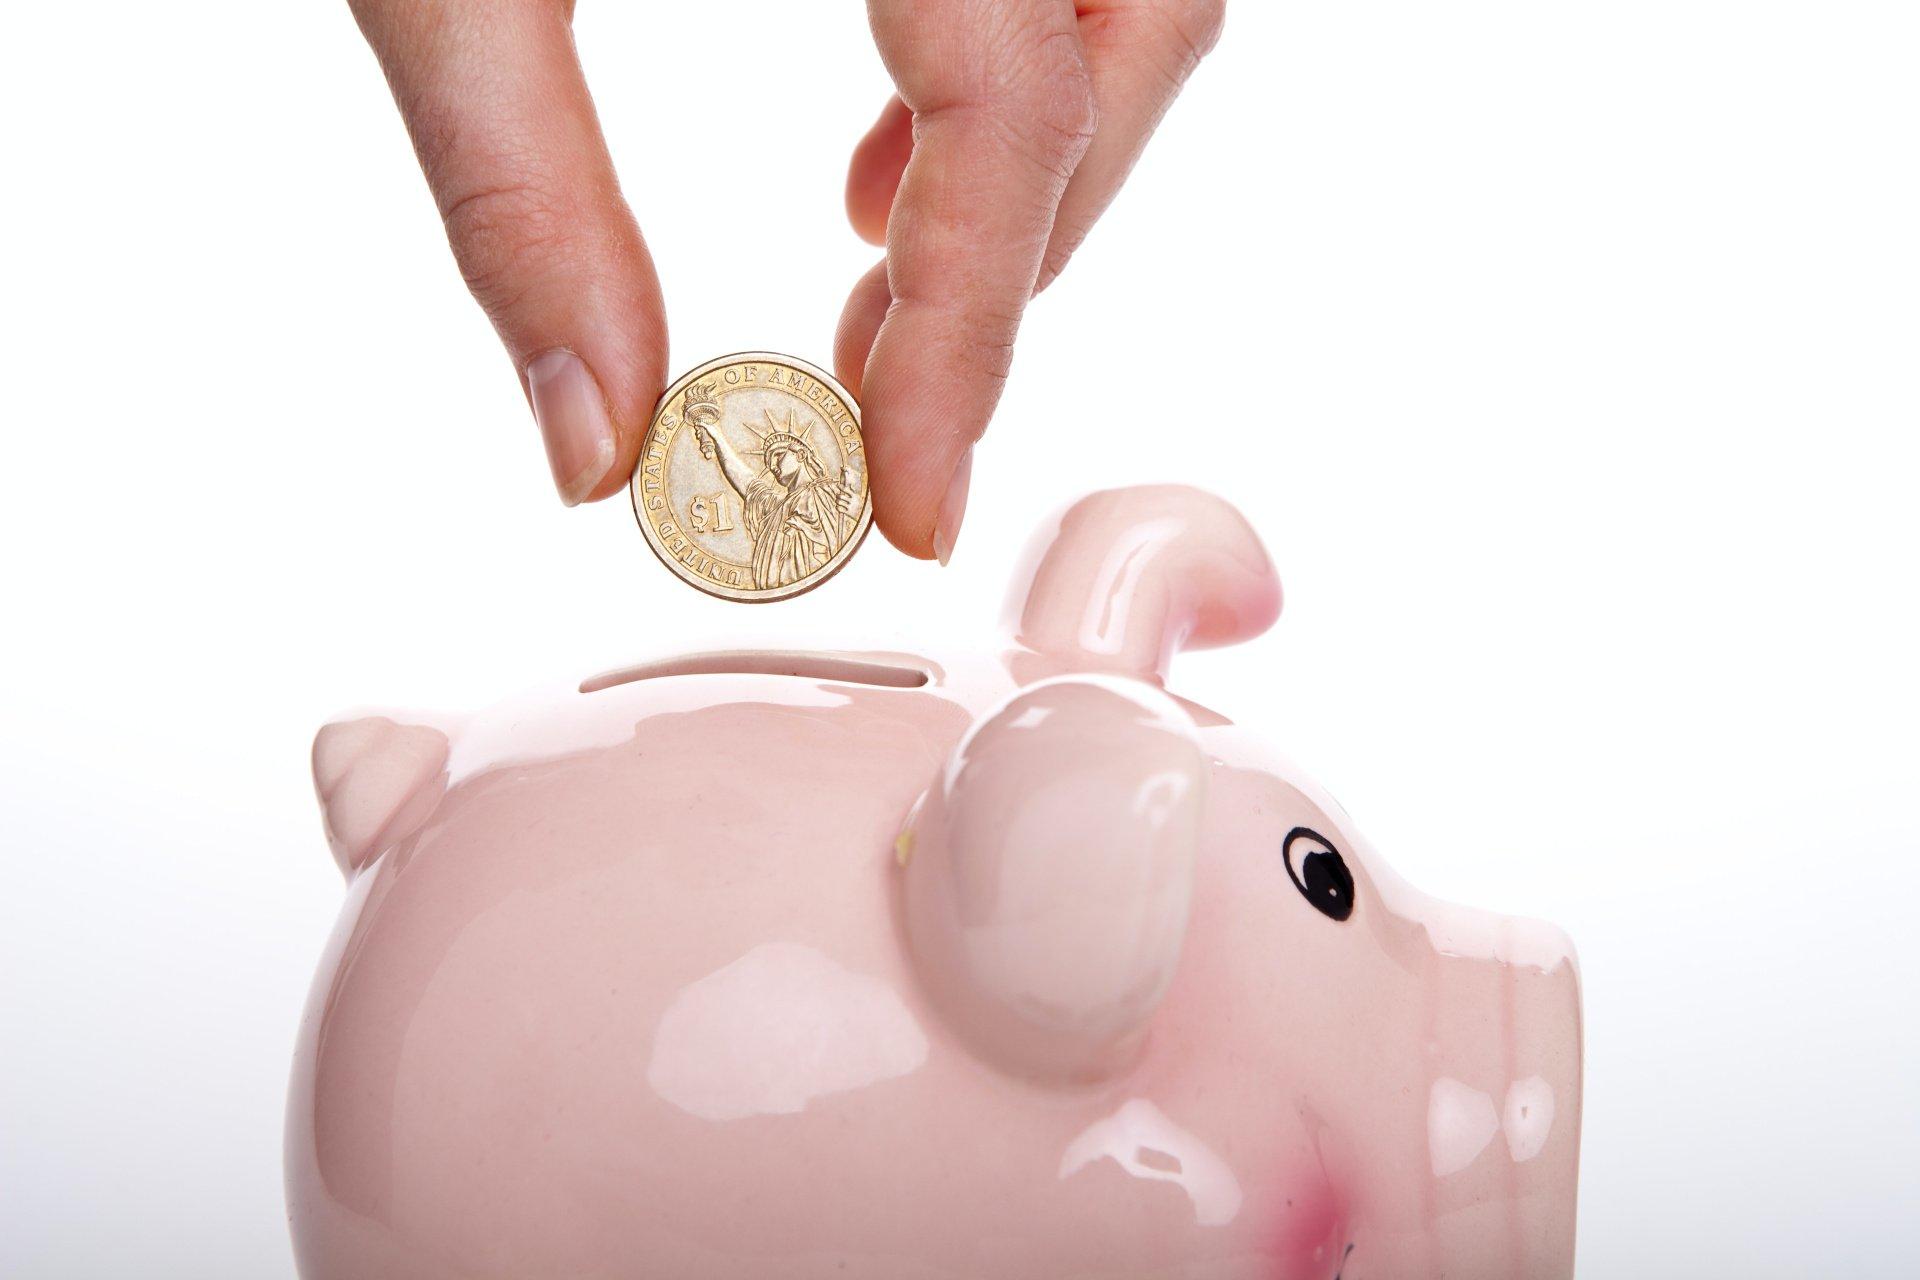 a hand putting a coin inside a piggy bank